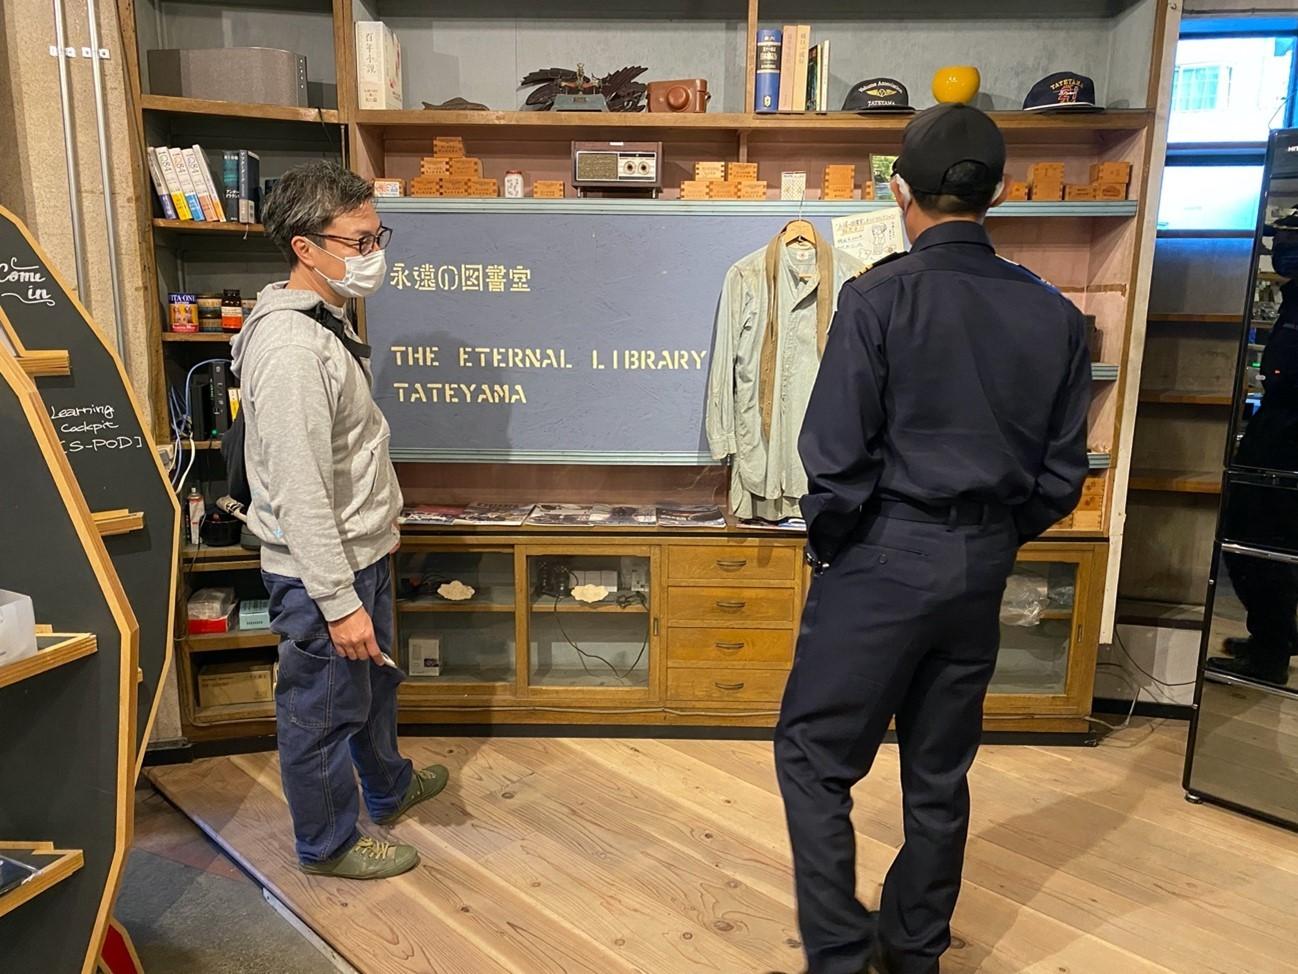 「永遠の図書室」を案内してくれる漆原さんと藤本さん